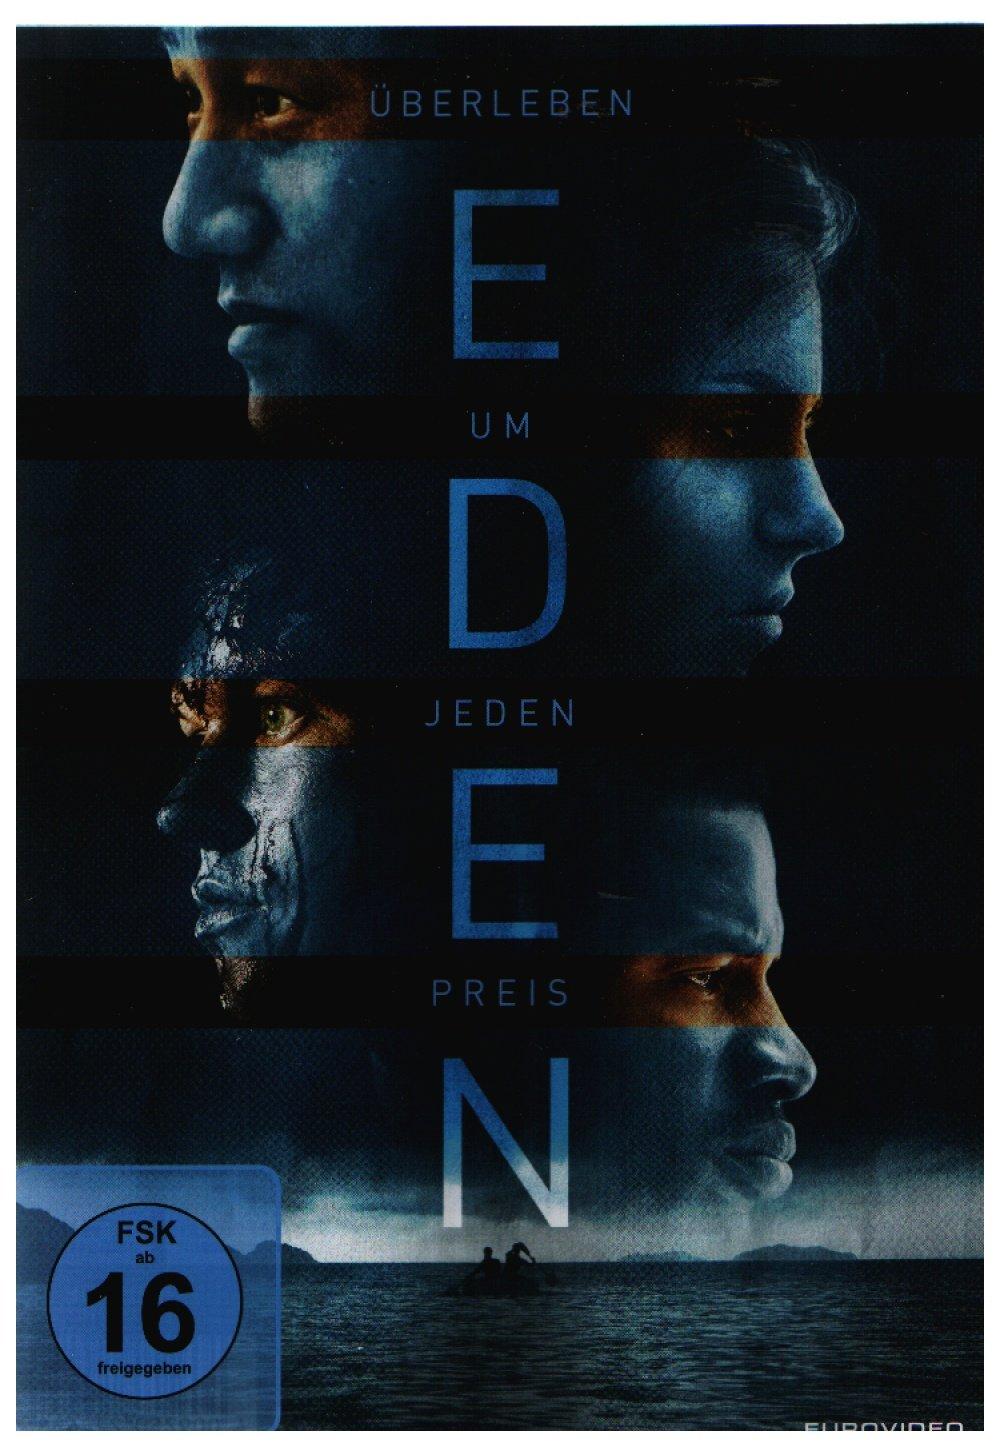 Eden überleben Um Jeden Preis